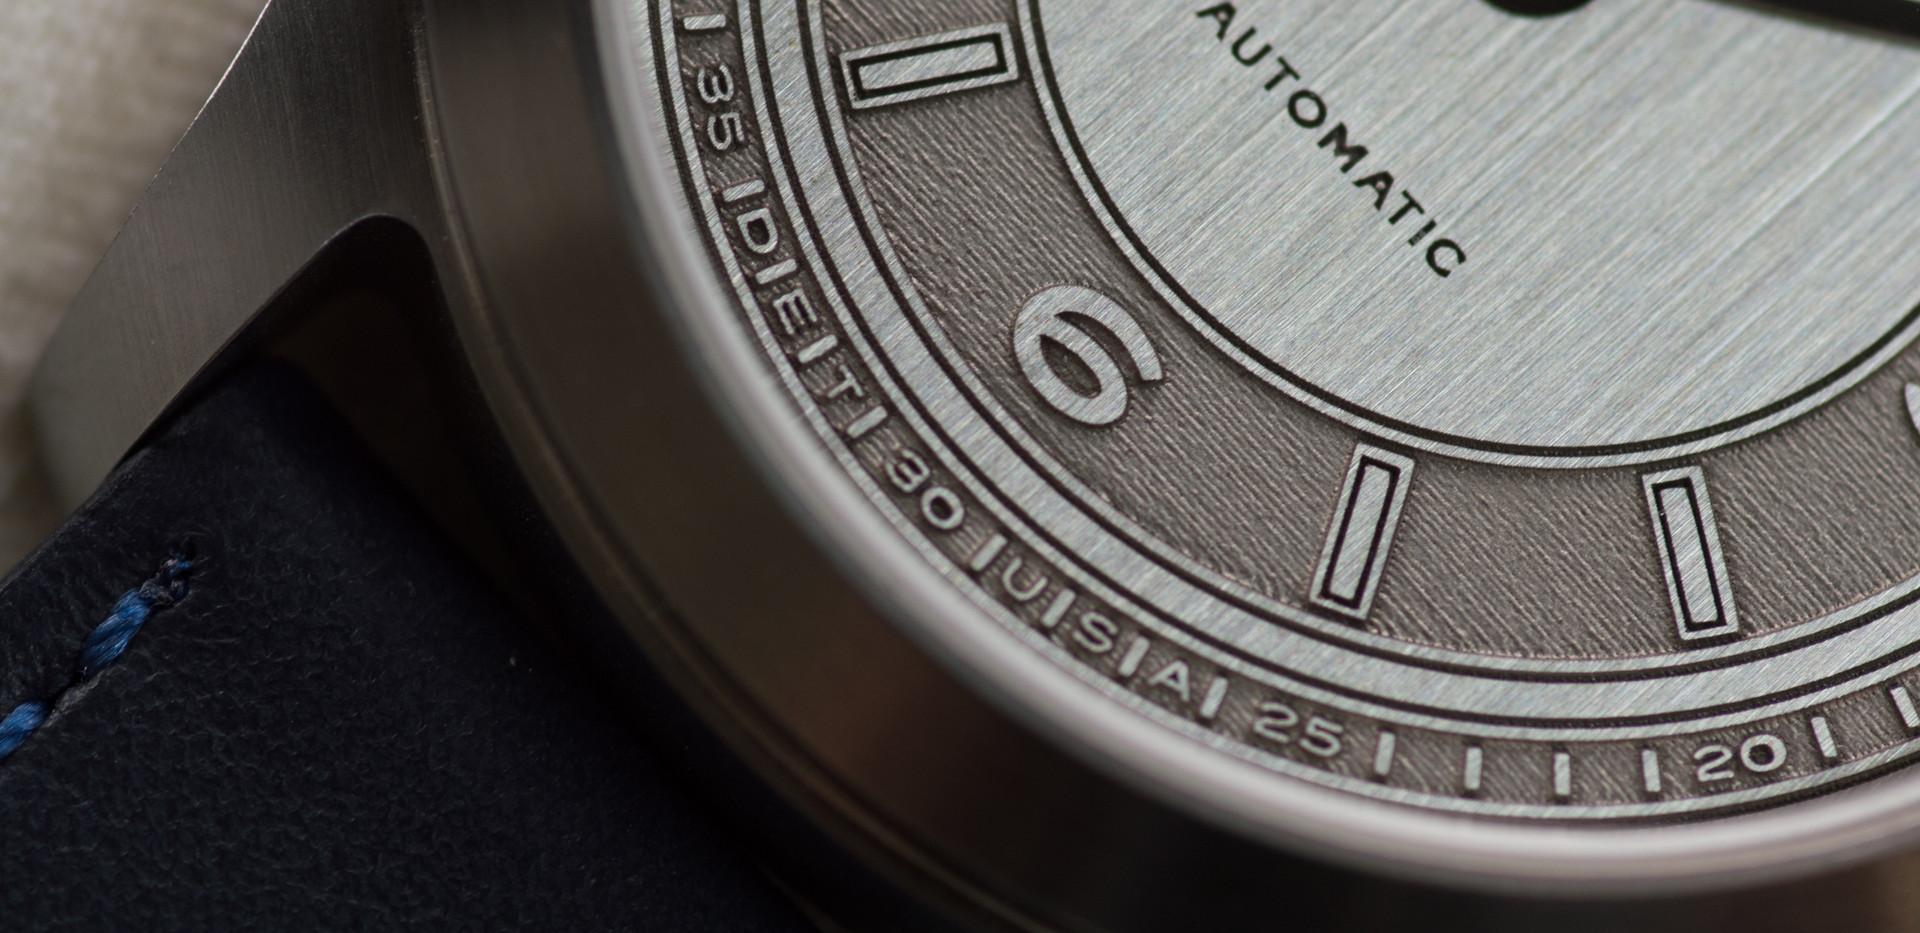 Sector Nickel Silver 15